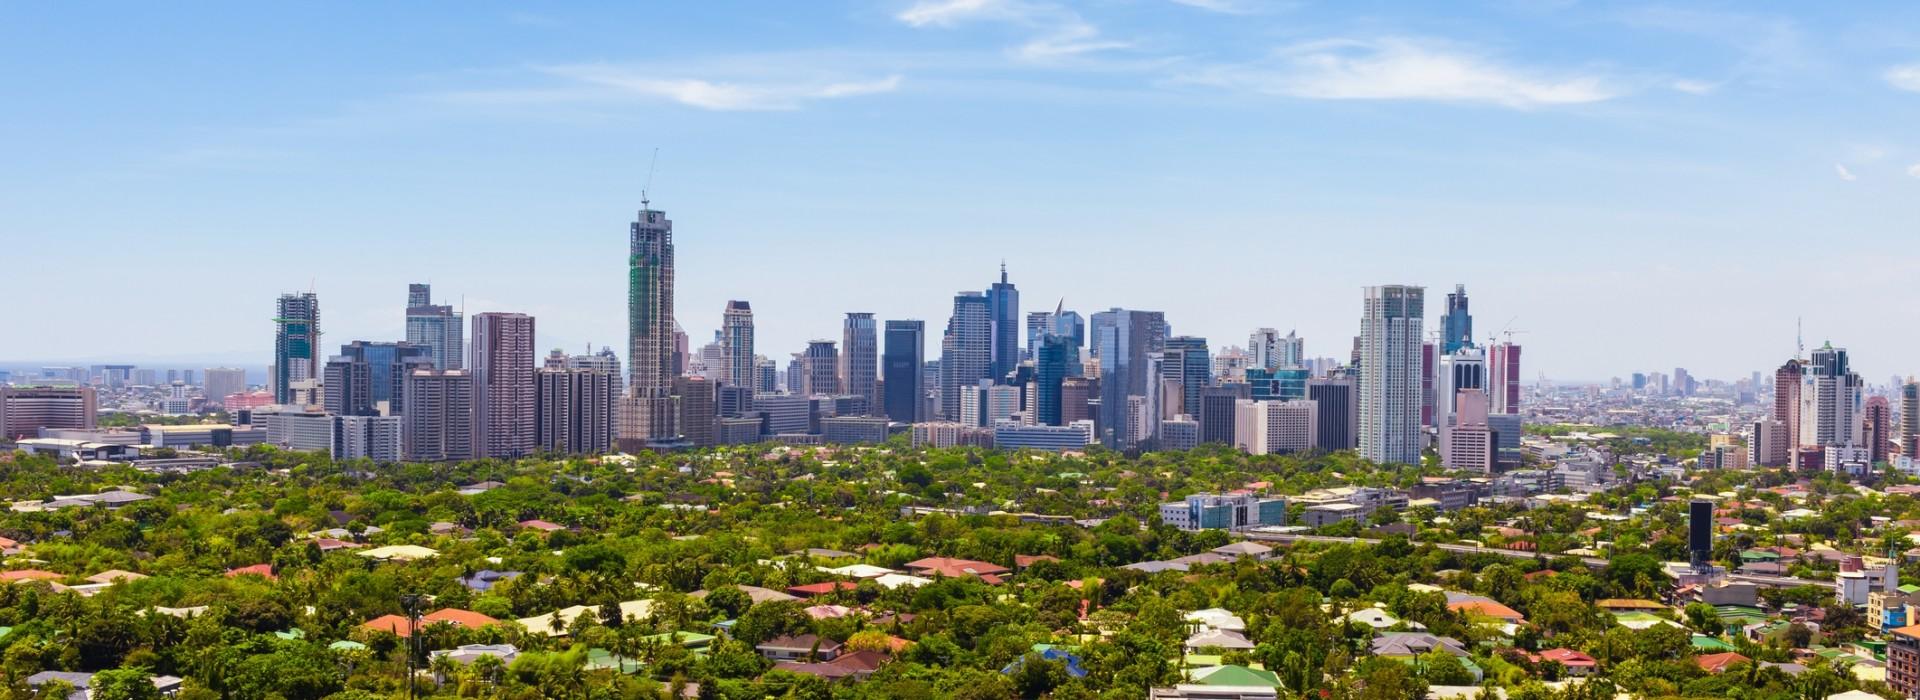 The beautiful metro Manila Skyline